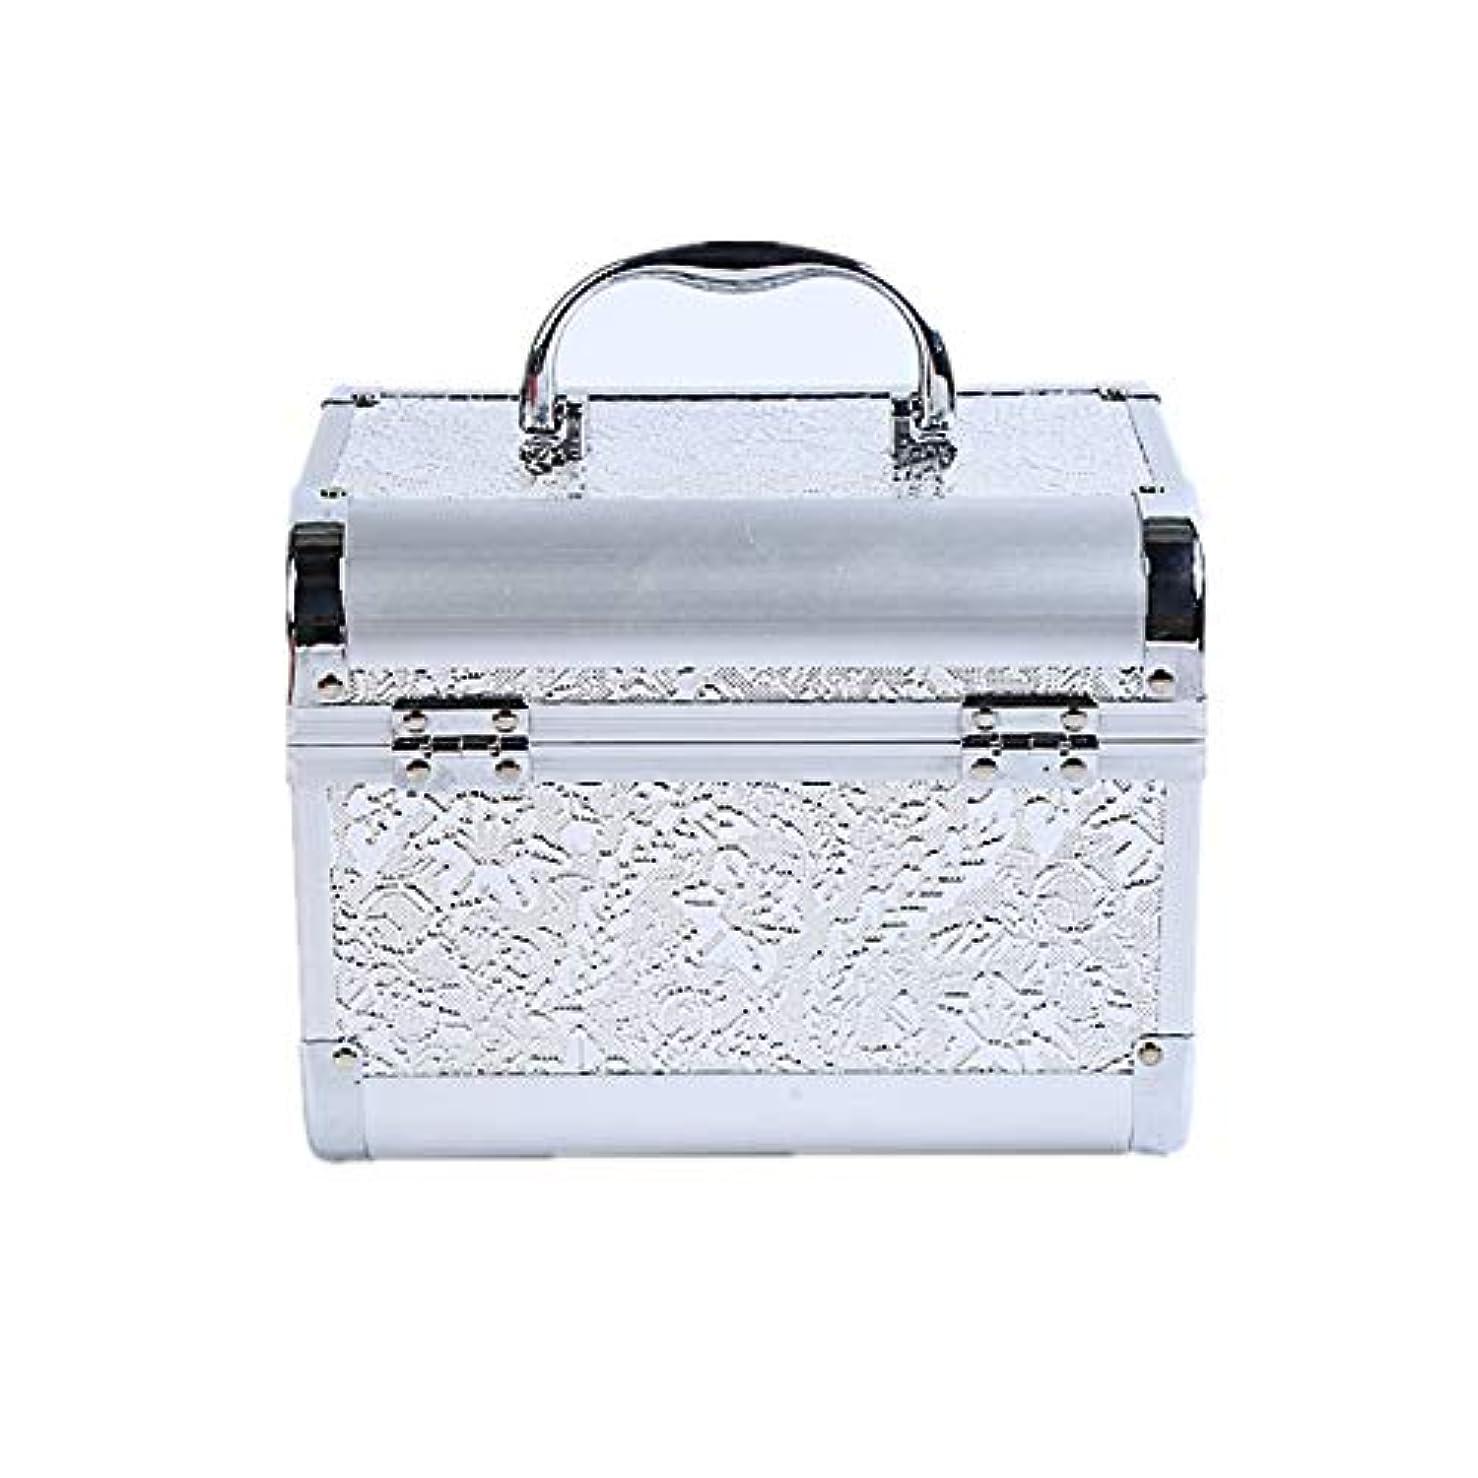 貝殻びっくりする朝化粧オーガナイザーバッグ コード化されたロックと化粧鏡で小さなものの種類の旅行のための美容メイクアップのための白い化粧ケース 化粧品ケース